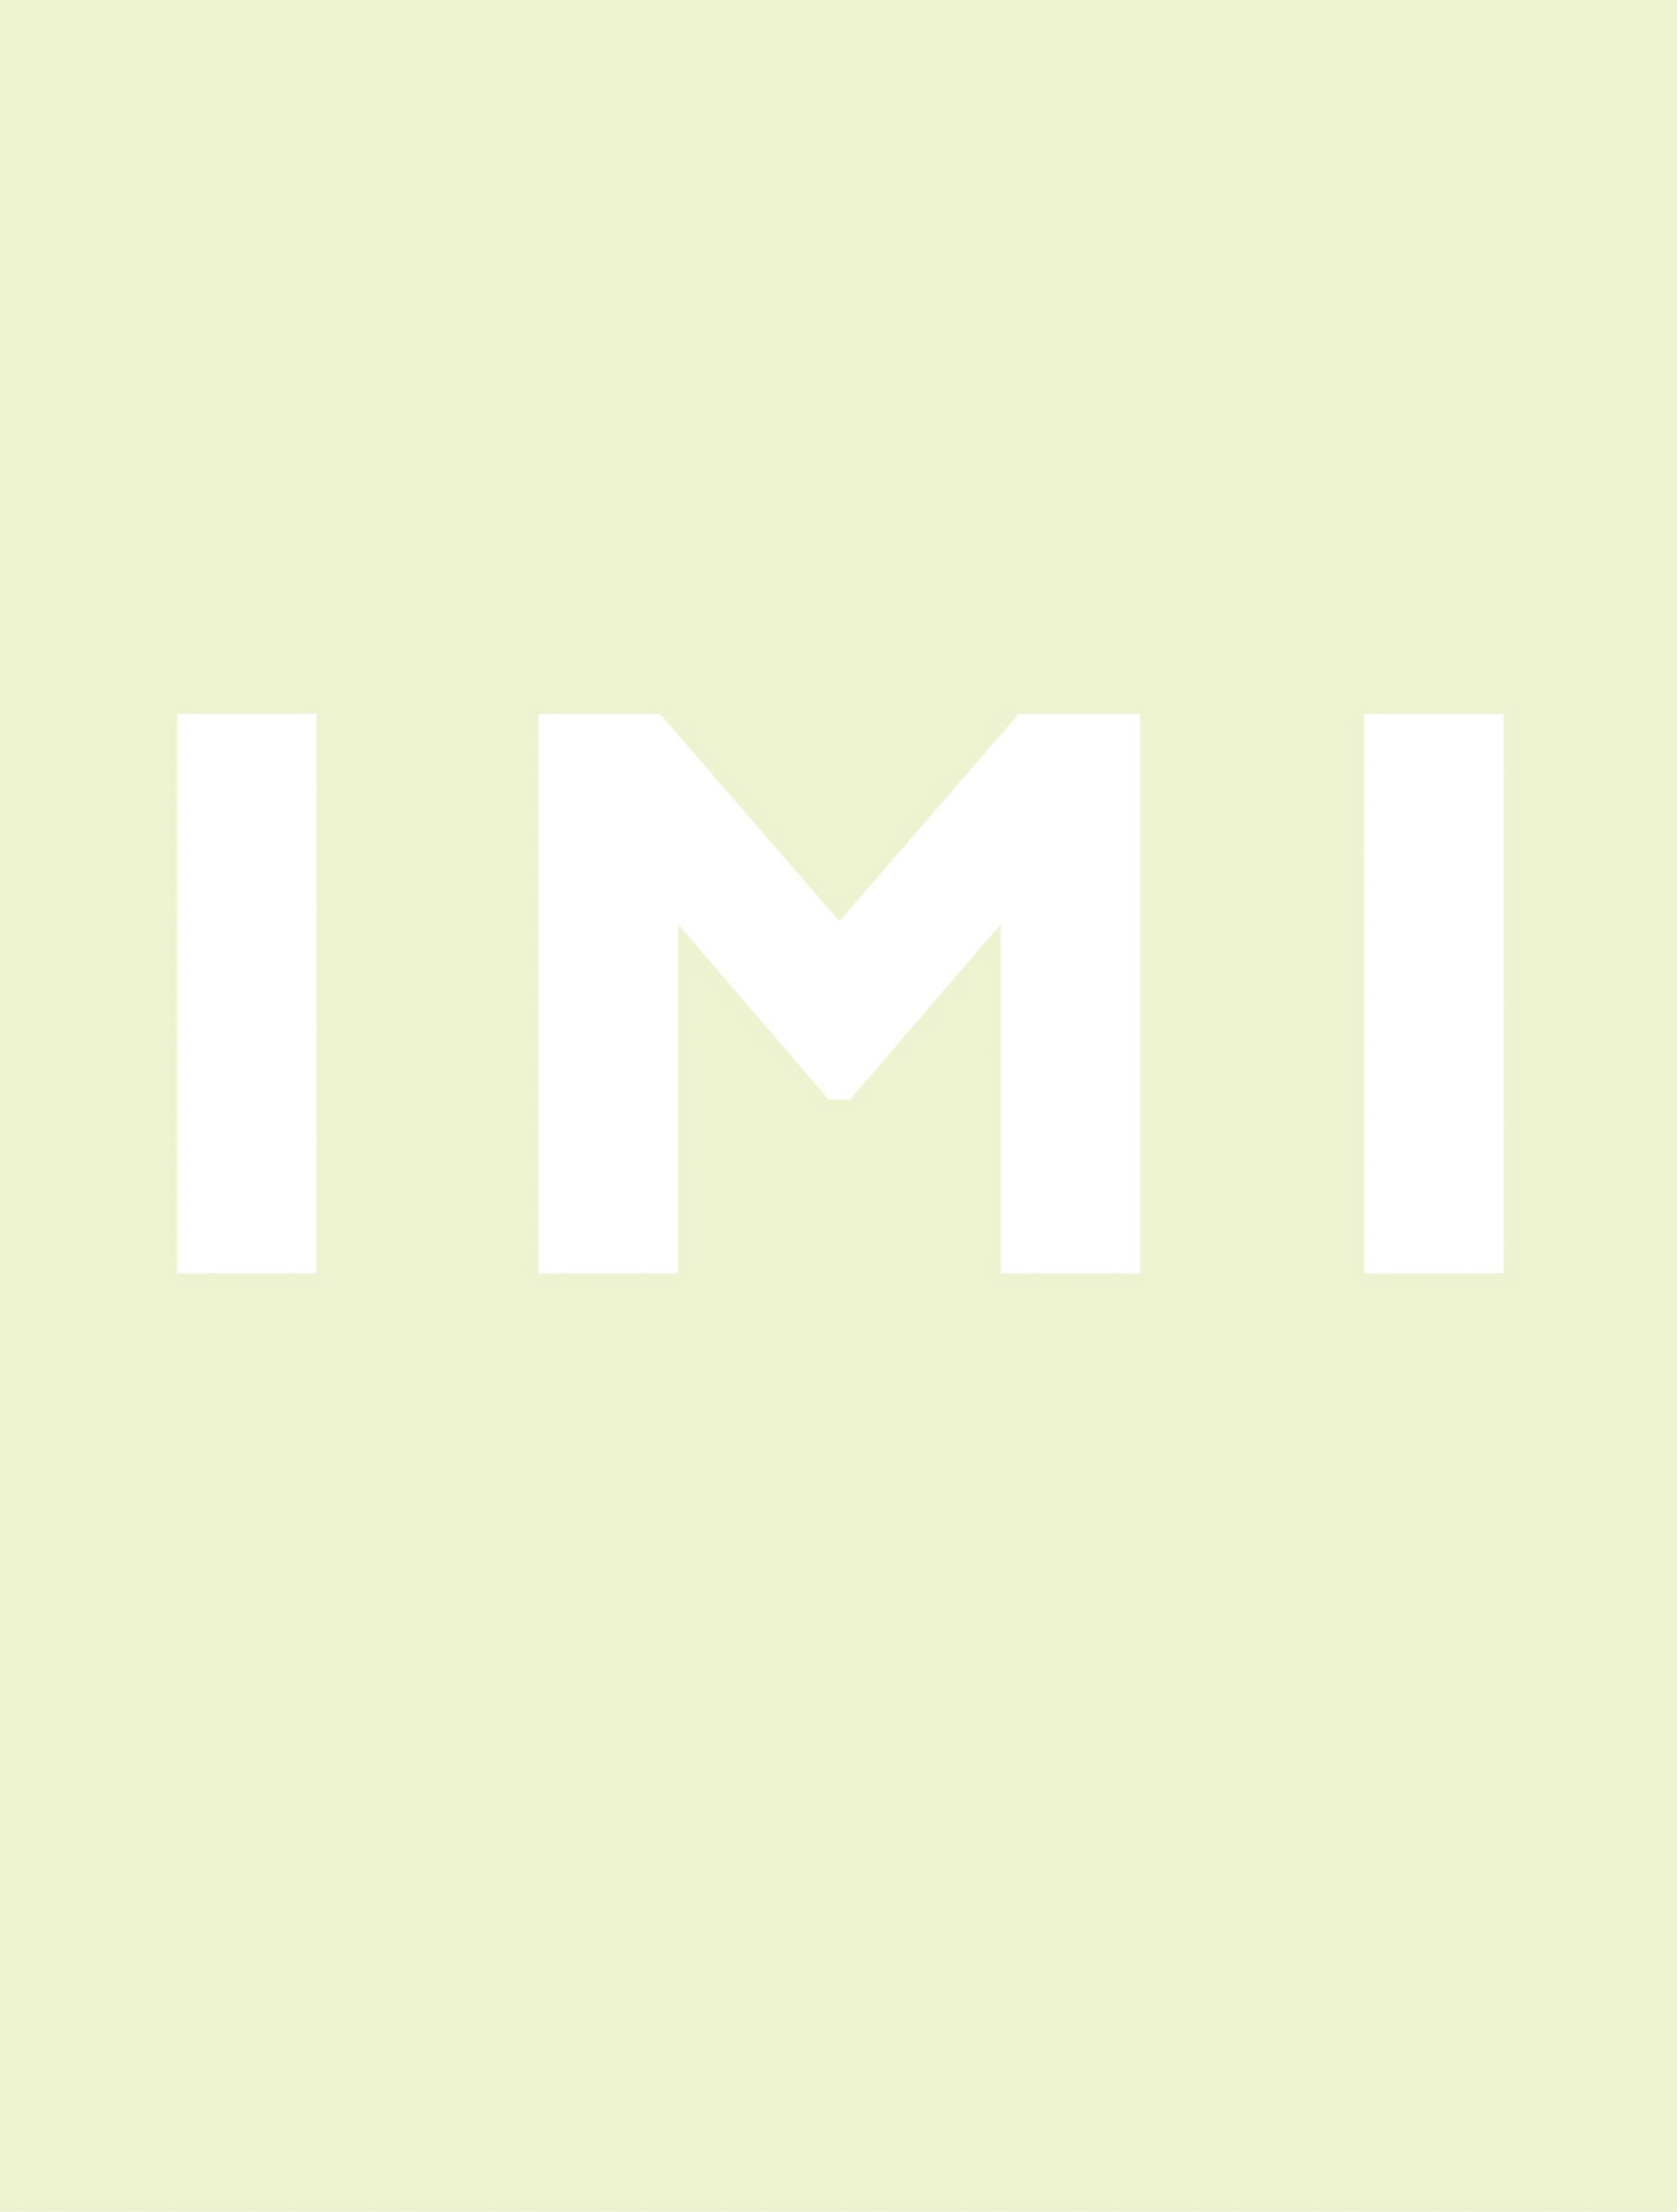 Book no. 0: IMI KNOEBEL, Guten Morgen, Weisses Kätzchen